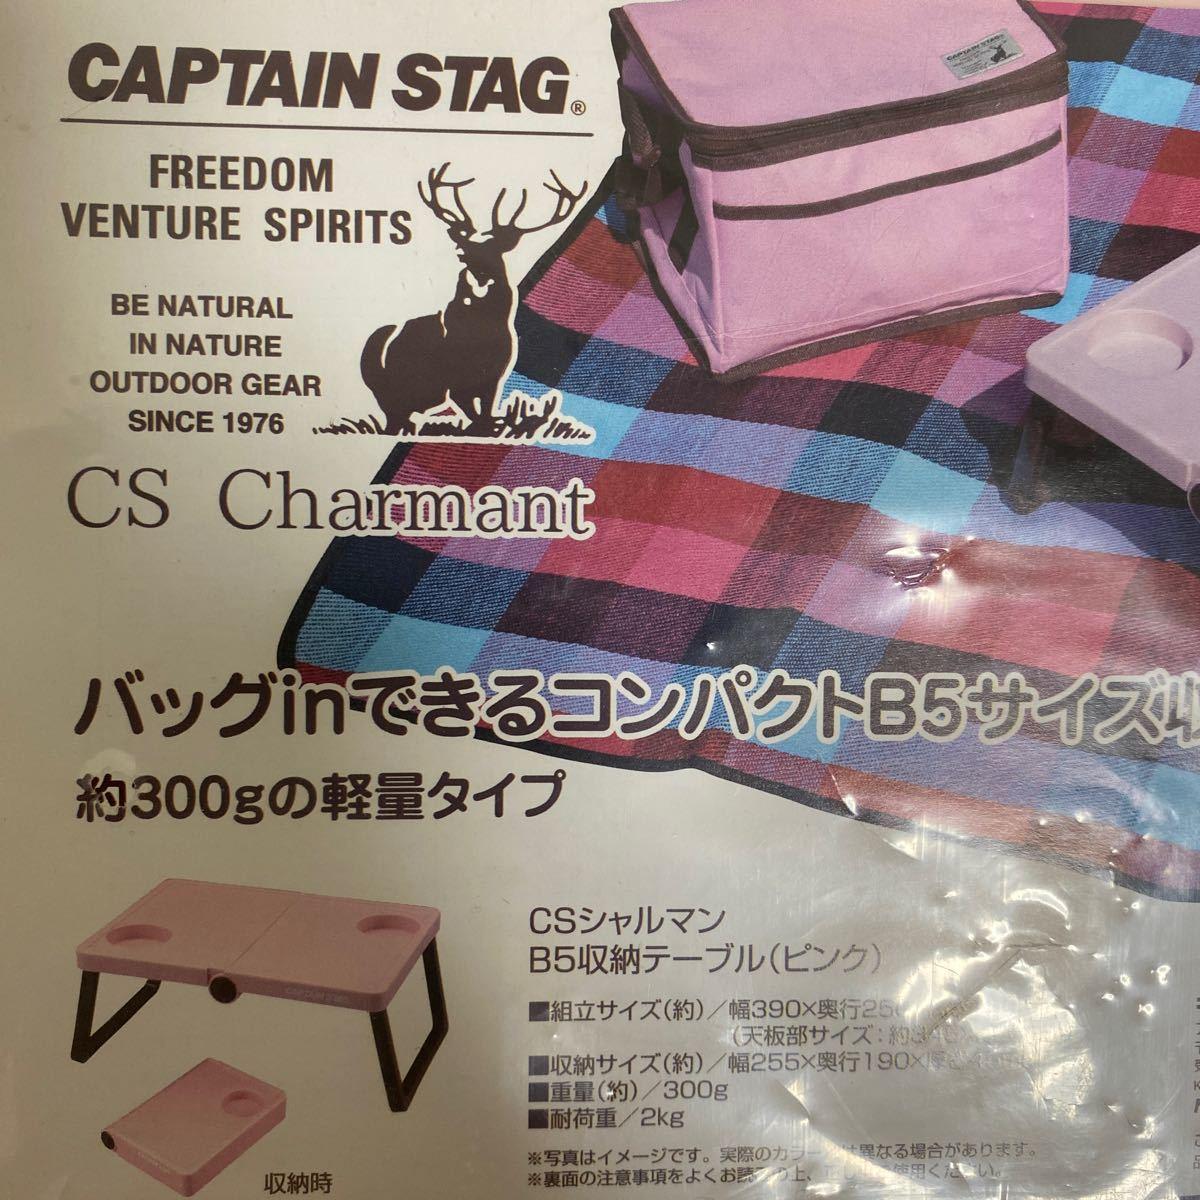 【新品】キャプテンスタッグ CAPTAIN STAG  B5収納テーブル (ピンク)アウトドアテーブル 折りたたみミニテーブル